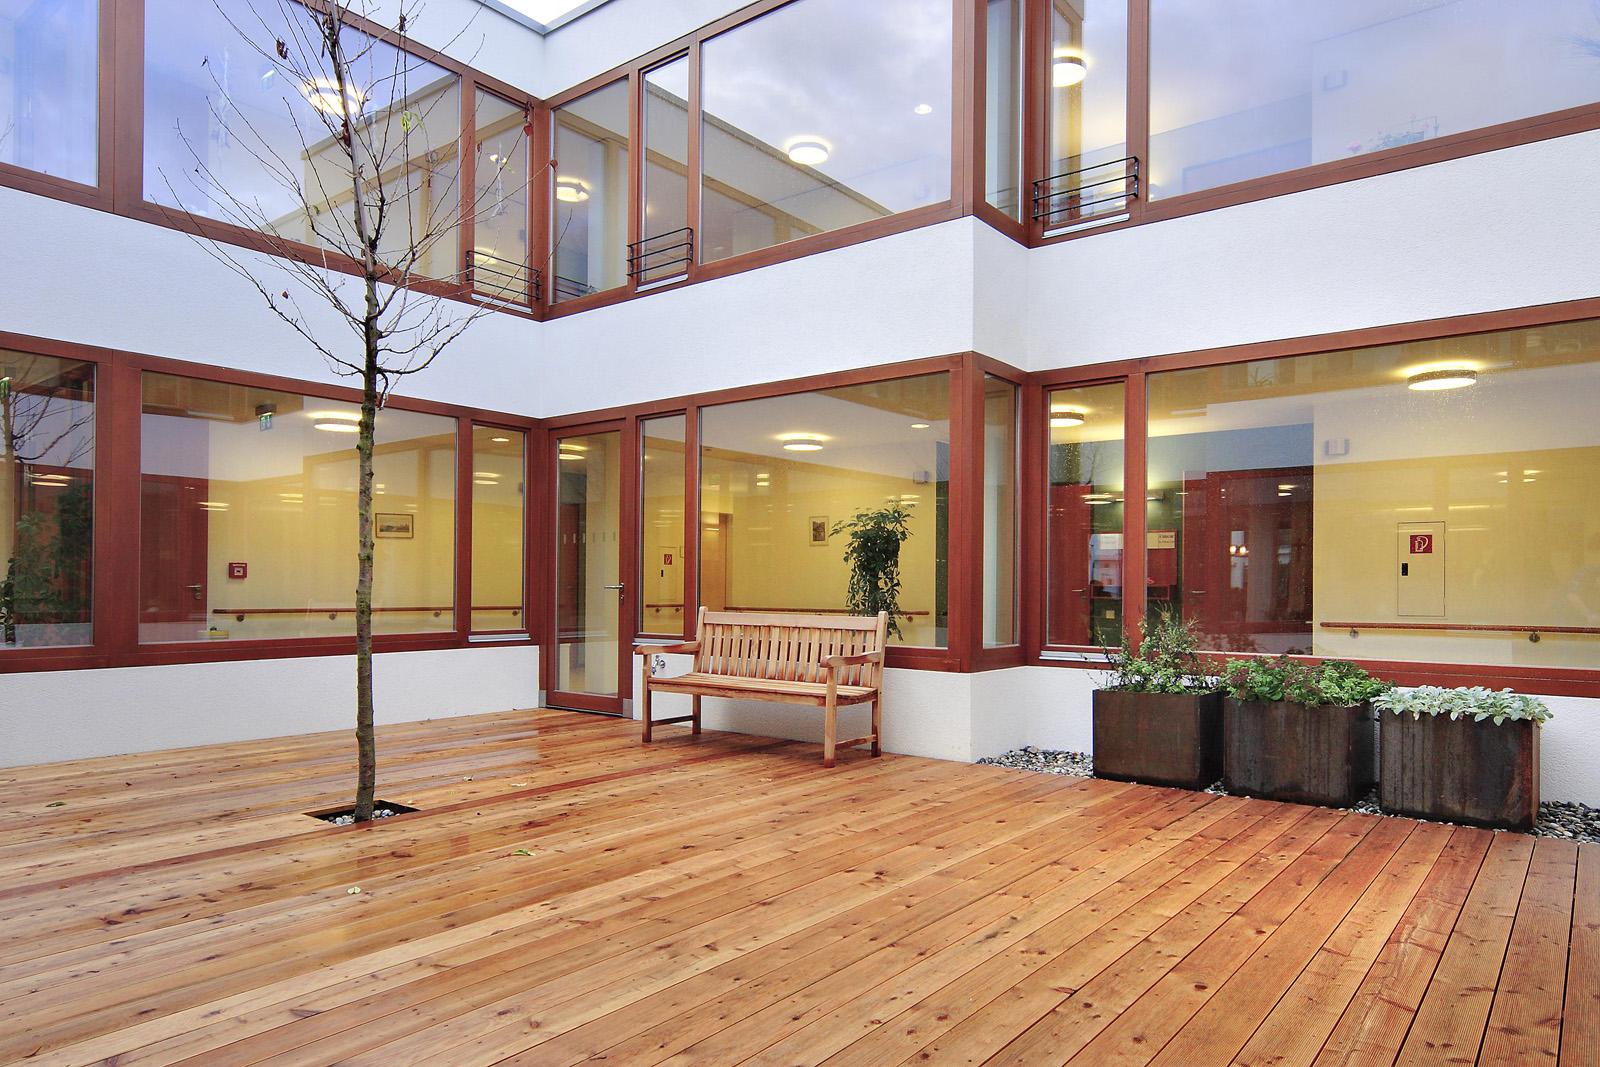 kompetenzzentrum demenz n rnberg feddersen architekten. Black Bedroom Furniture Sets. Home Design Ideas